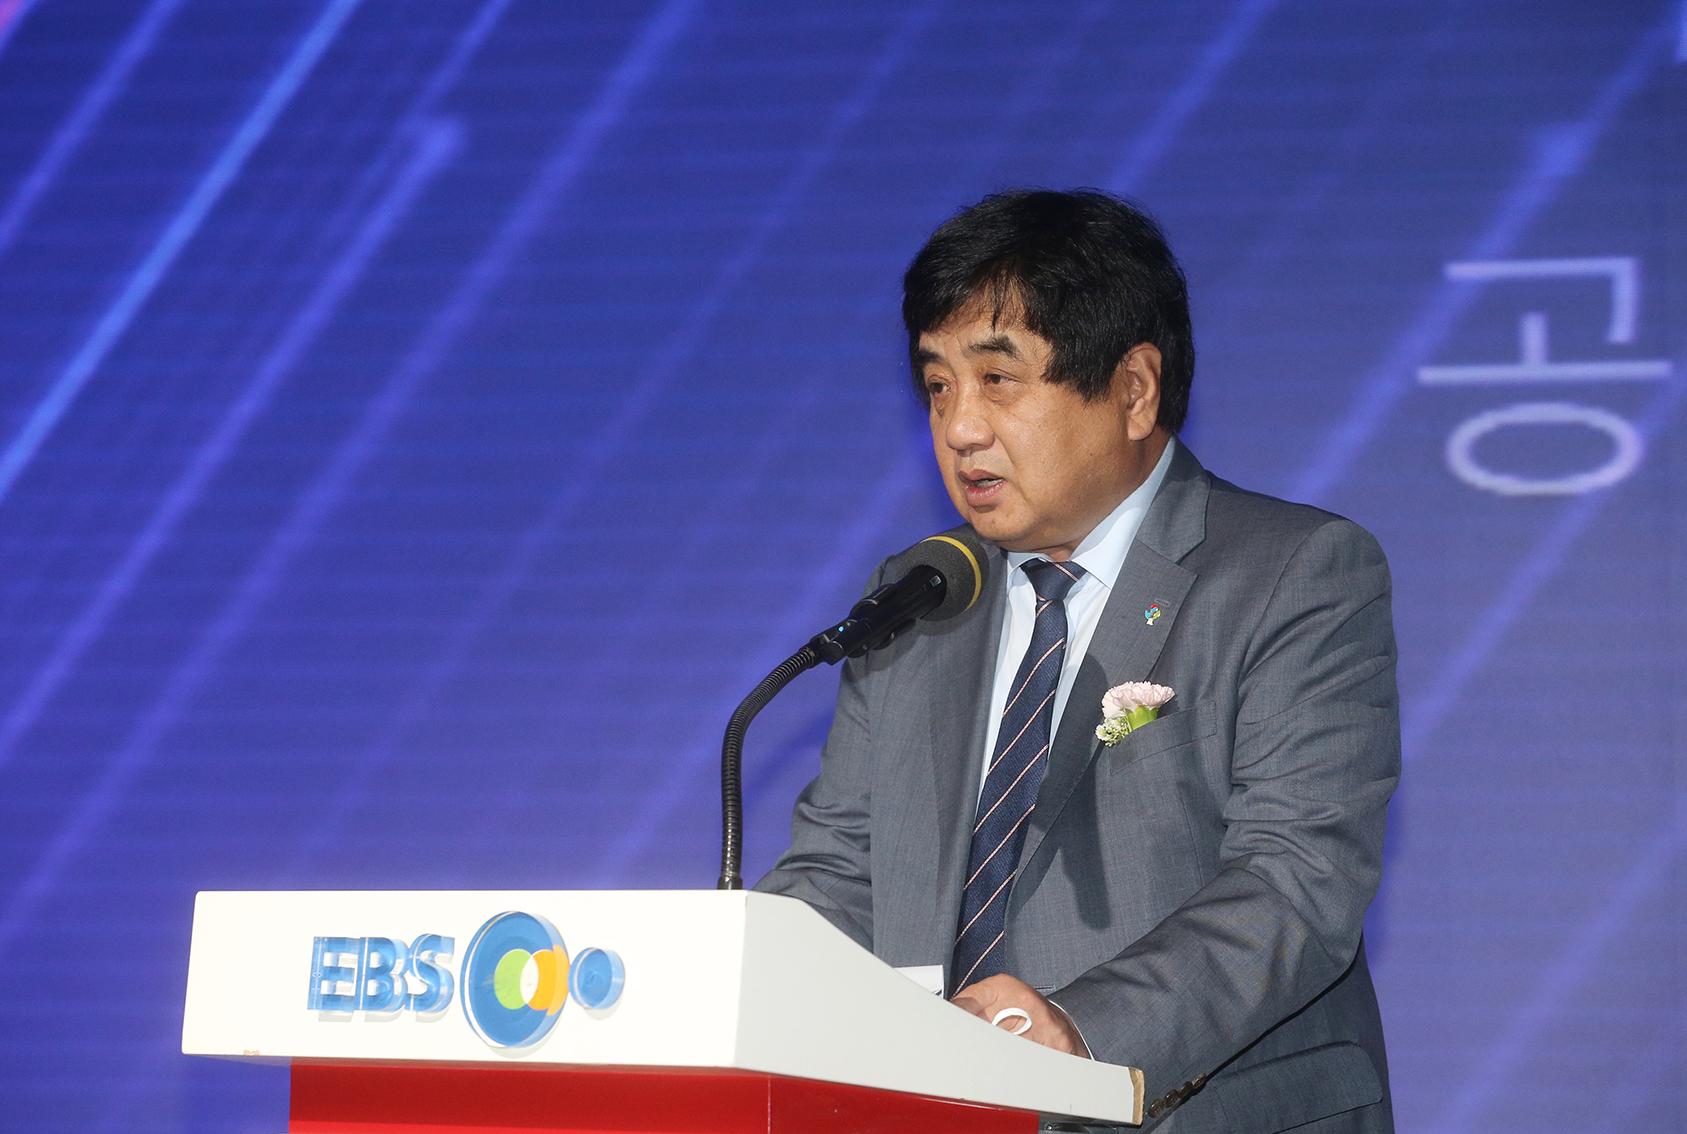 EBS 공사창립 20주년 기념식